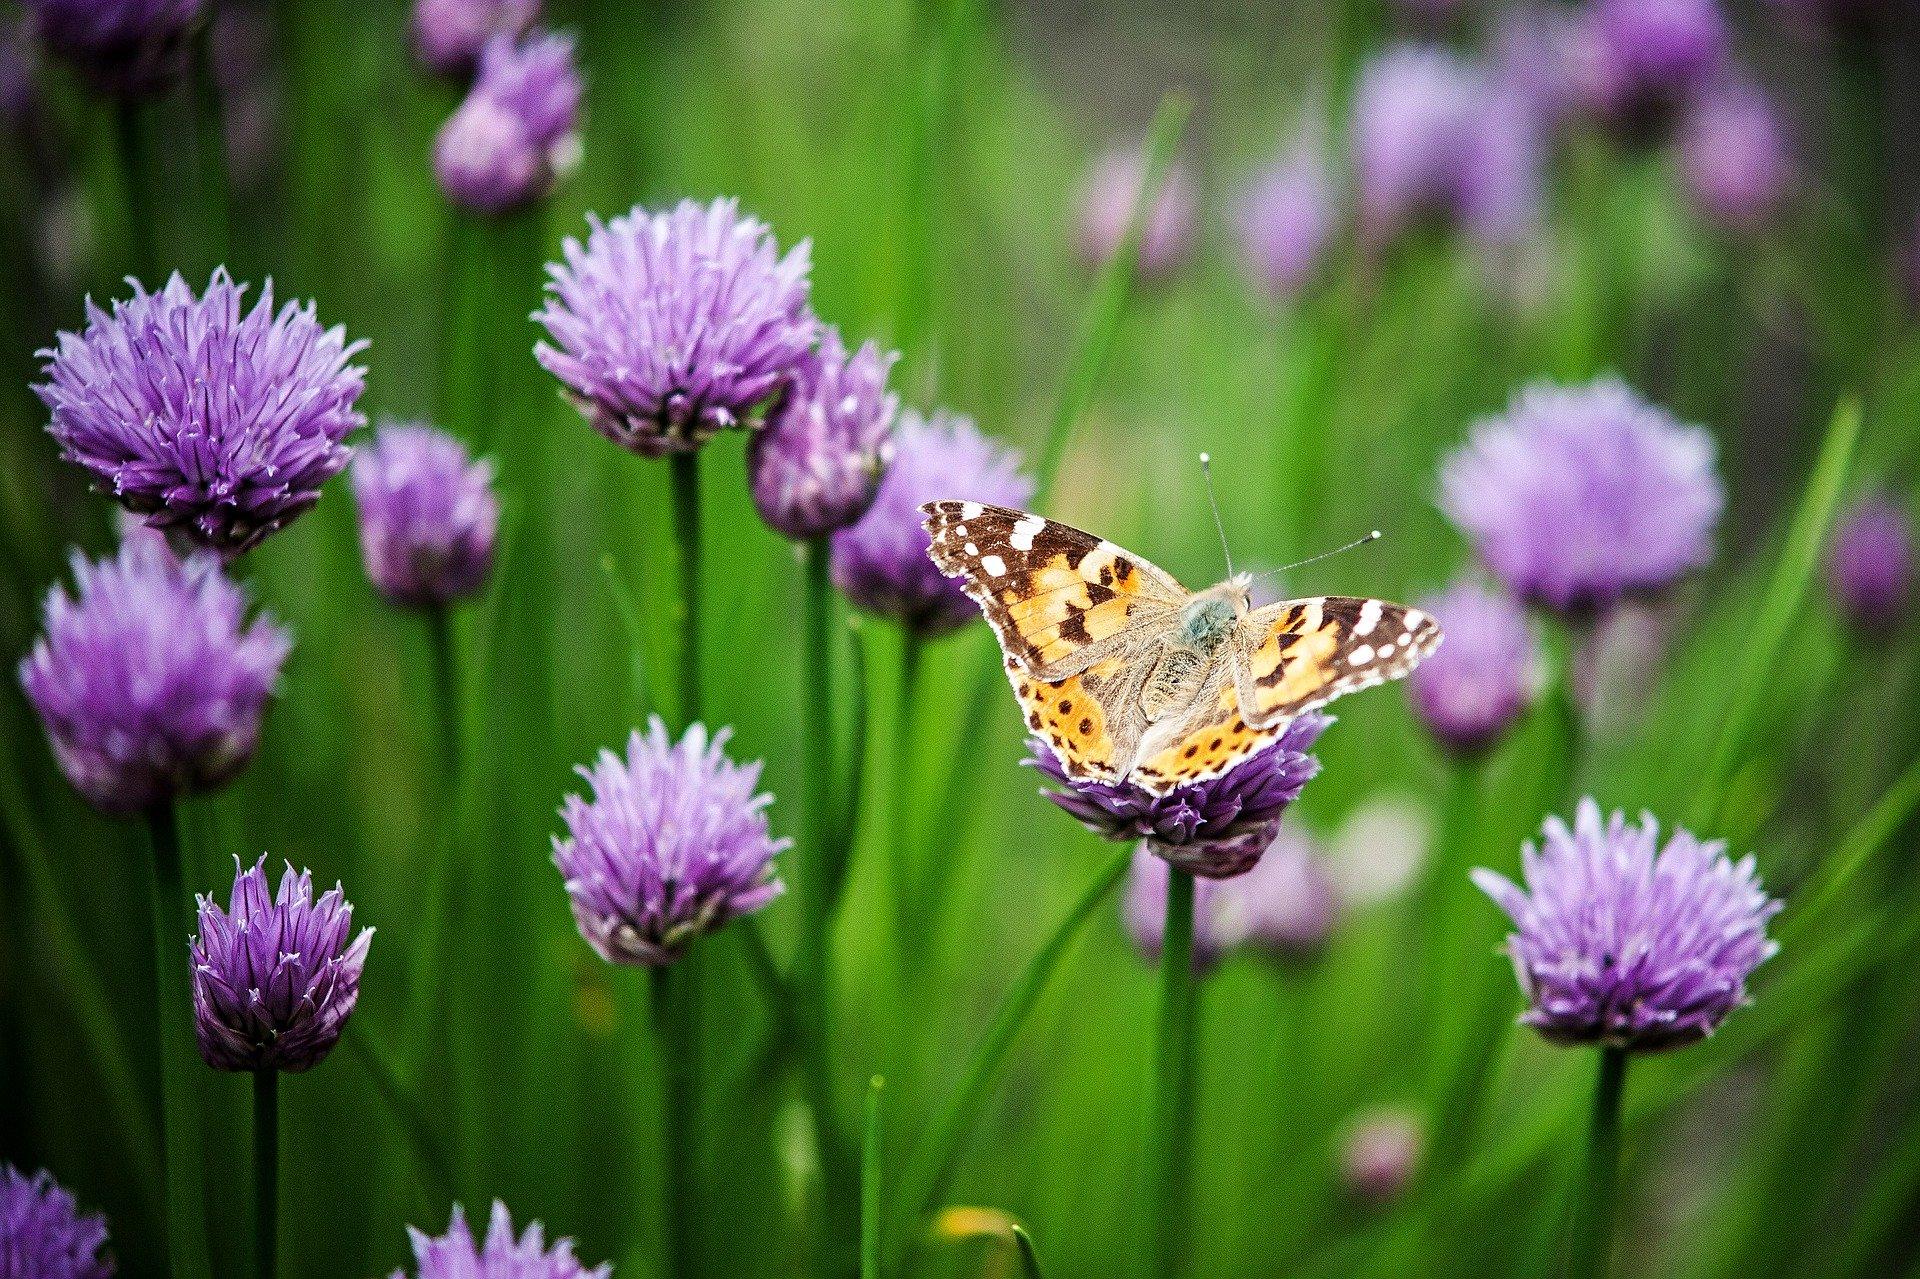 La importancia de la naturaleza para todos